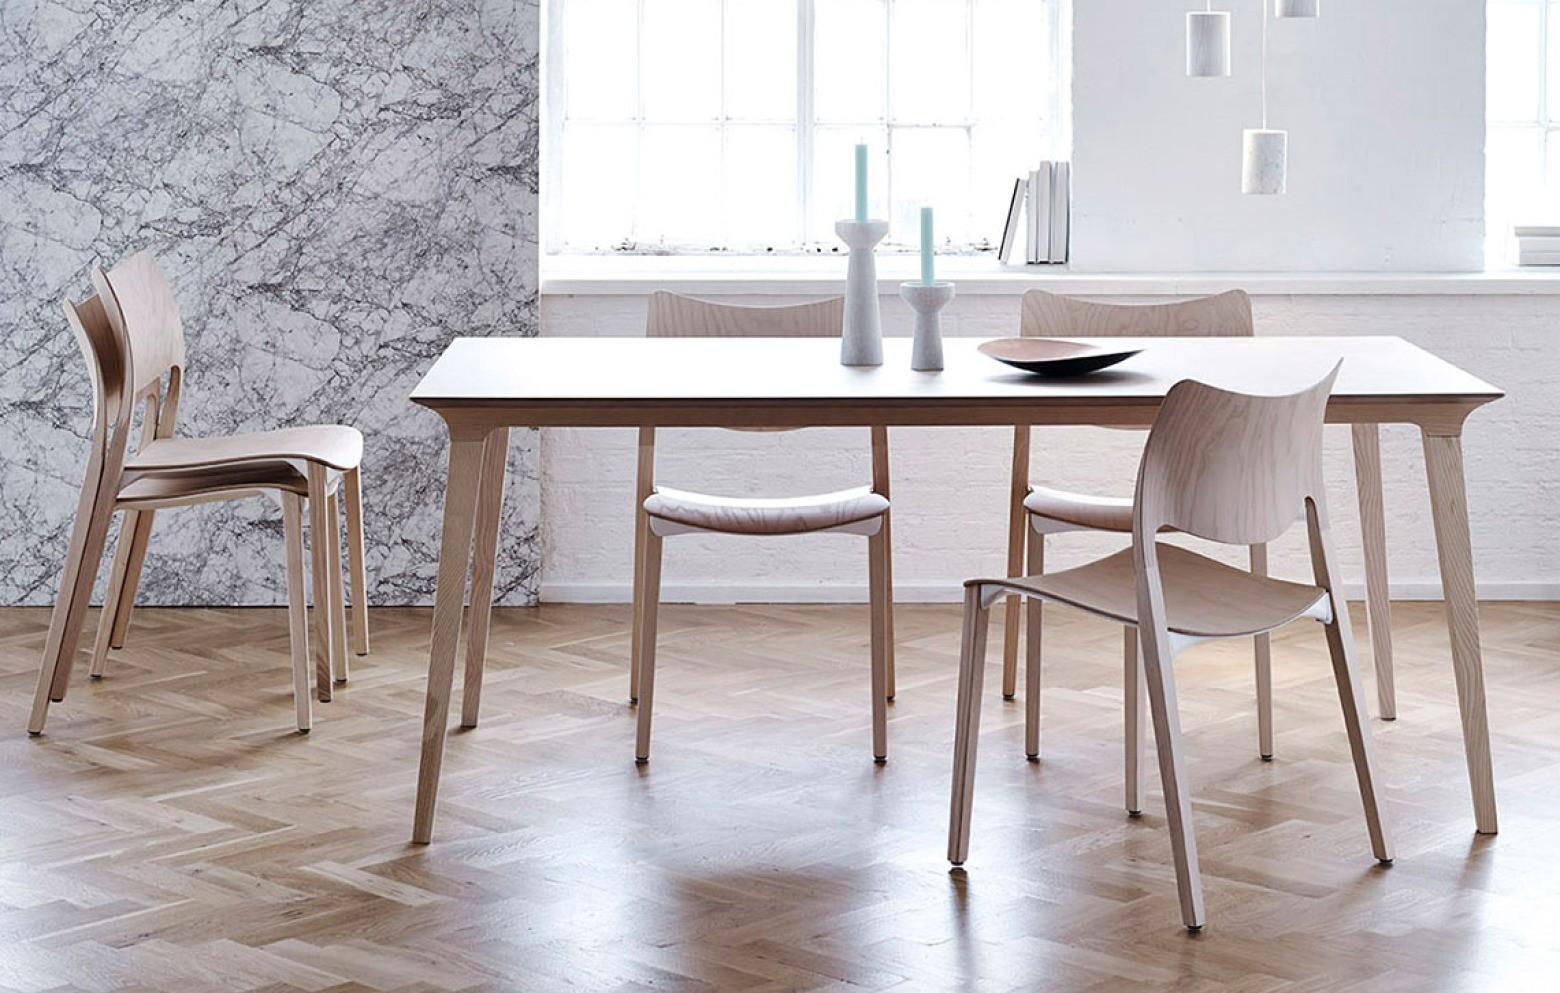 lau rectangle esstisch esstische tische st hle who. Black Bedroom Furniture Sets. Home Design Ideas